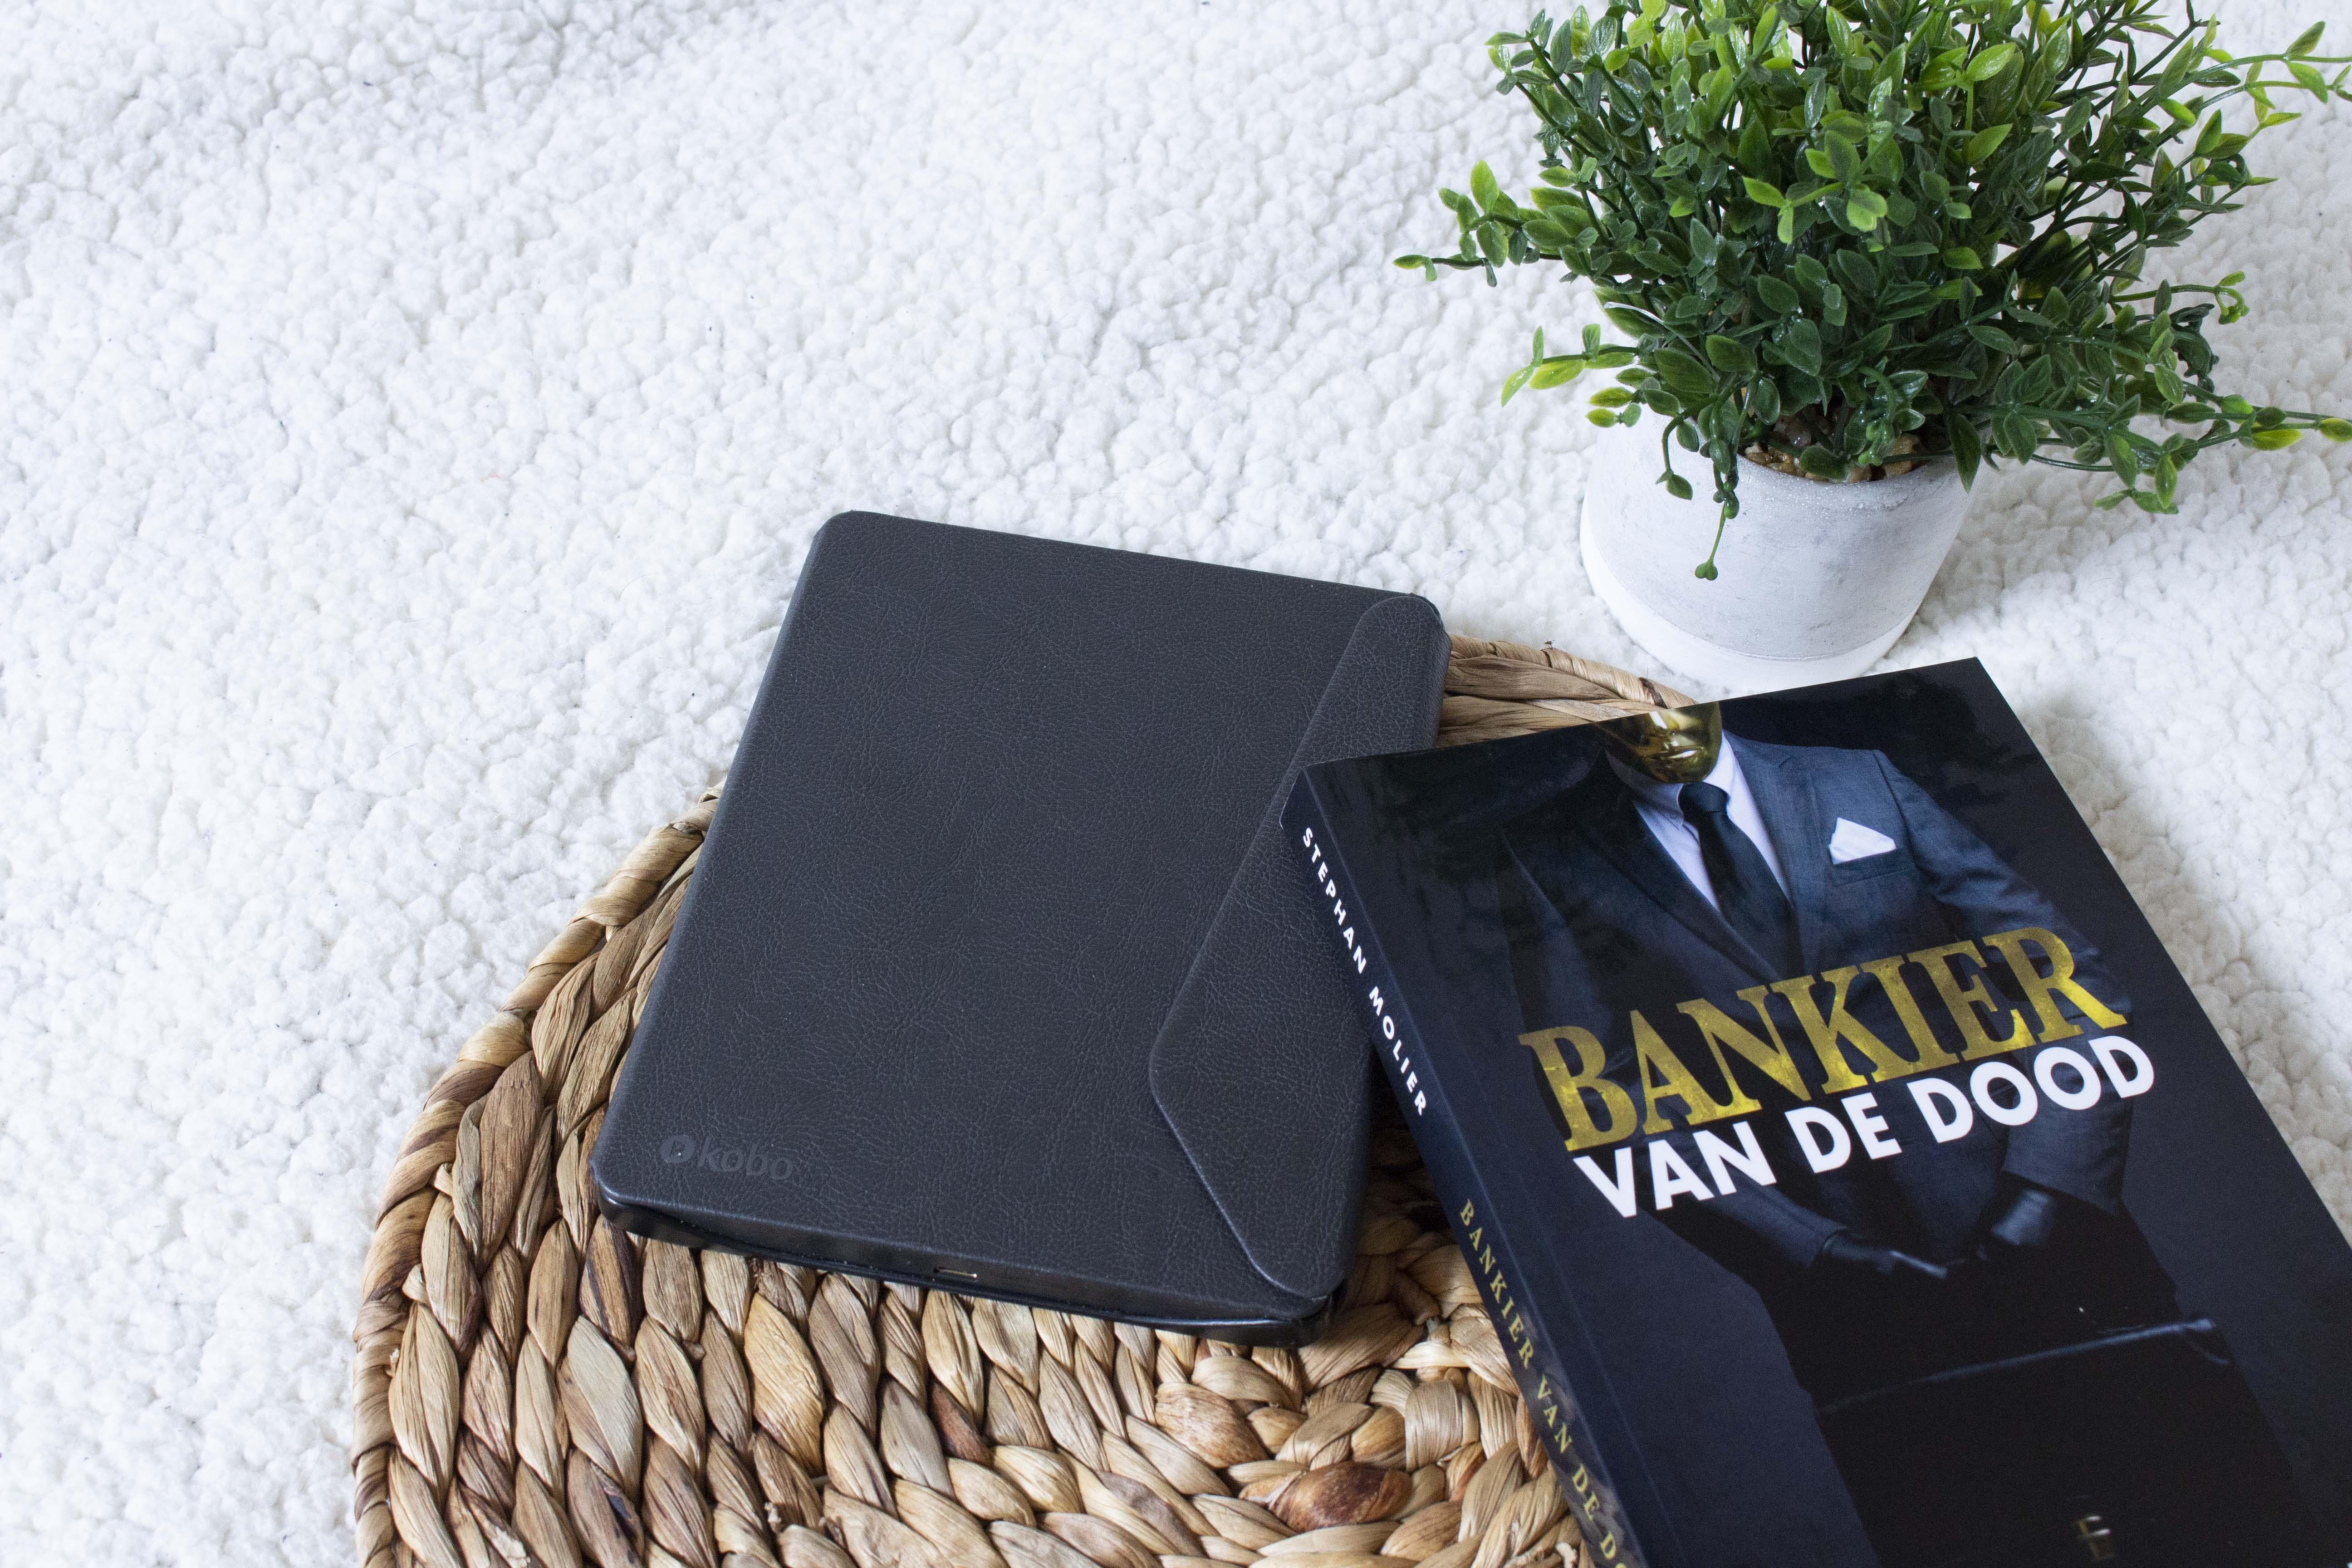 Boekpresentatie Bankier van de Dood